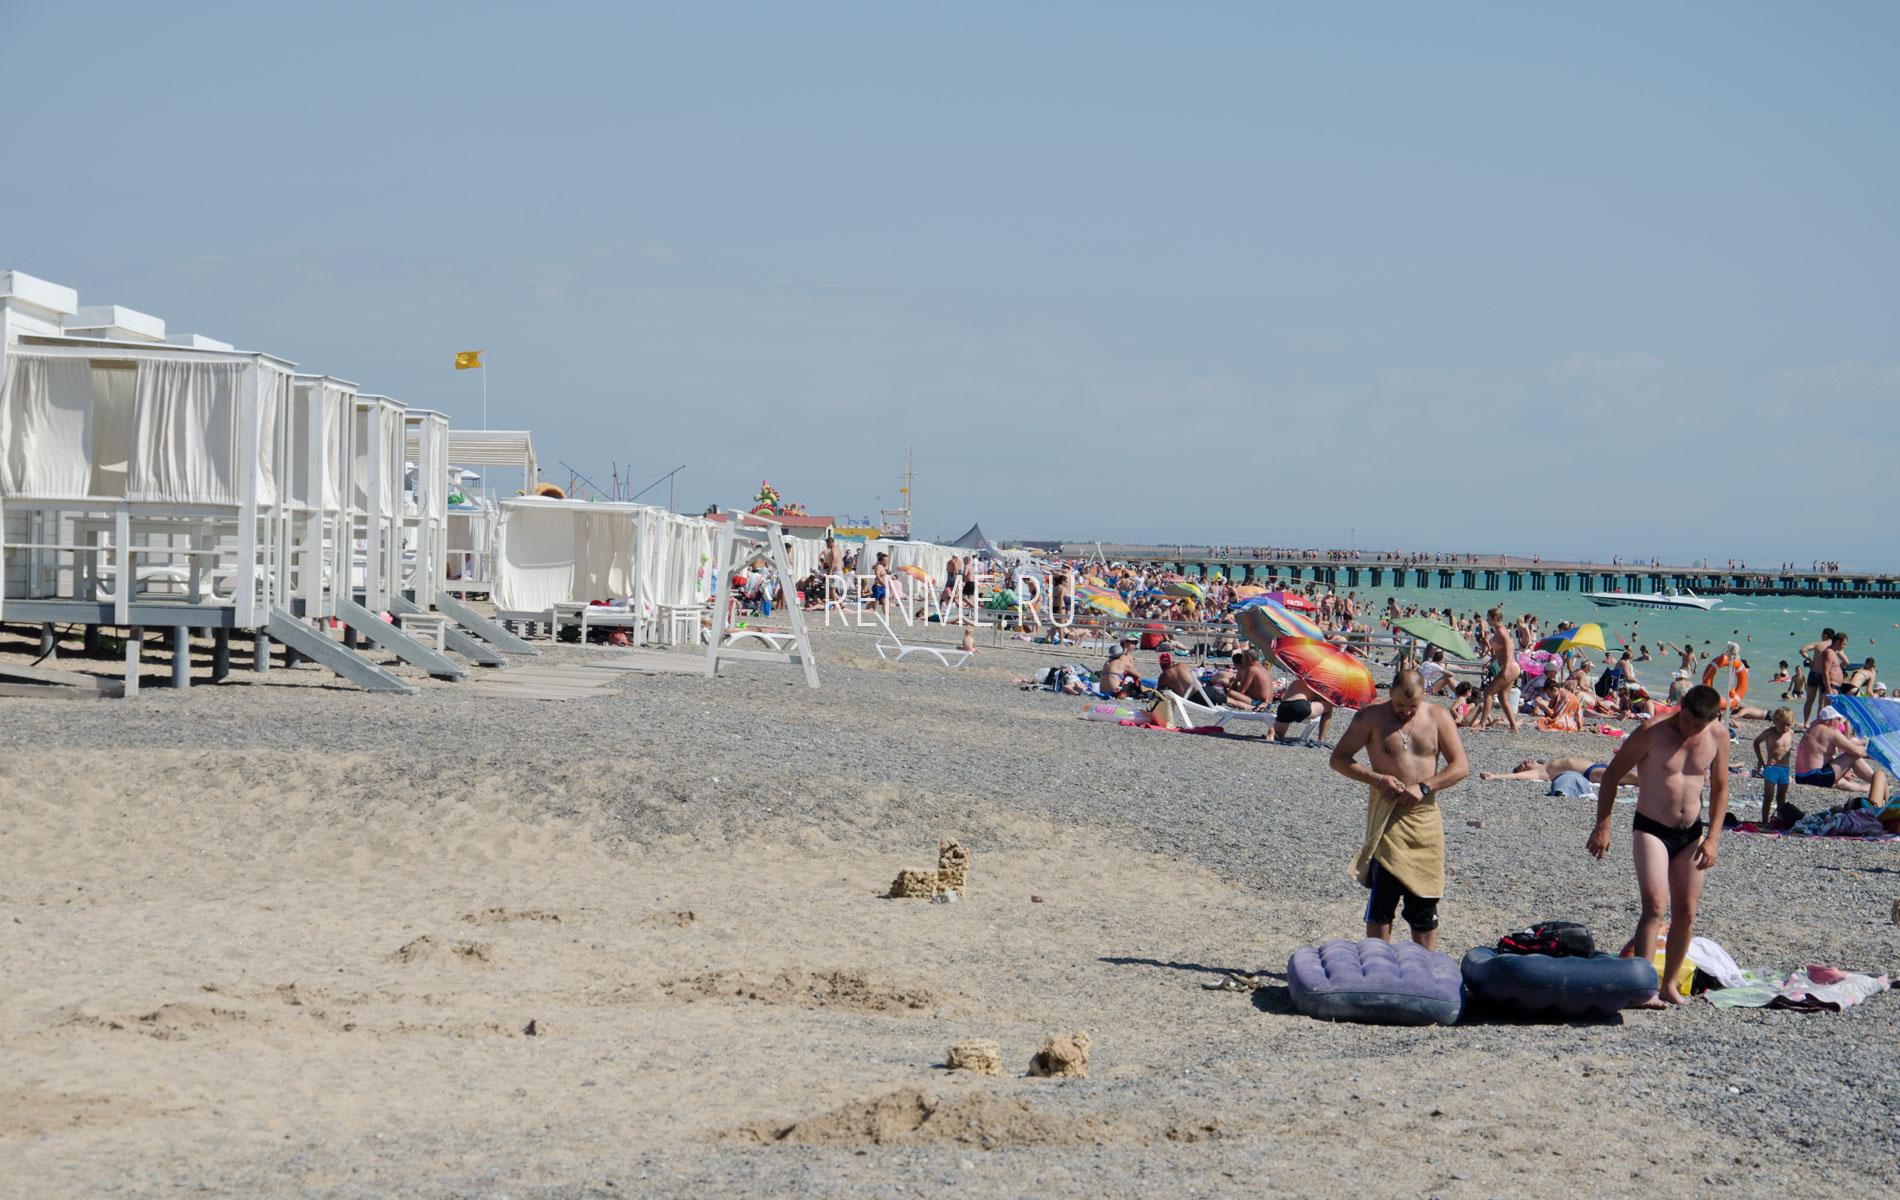 Много бунгало на пляже в Новофедоровке 2019. Фото Новофедоровки